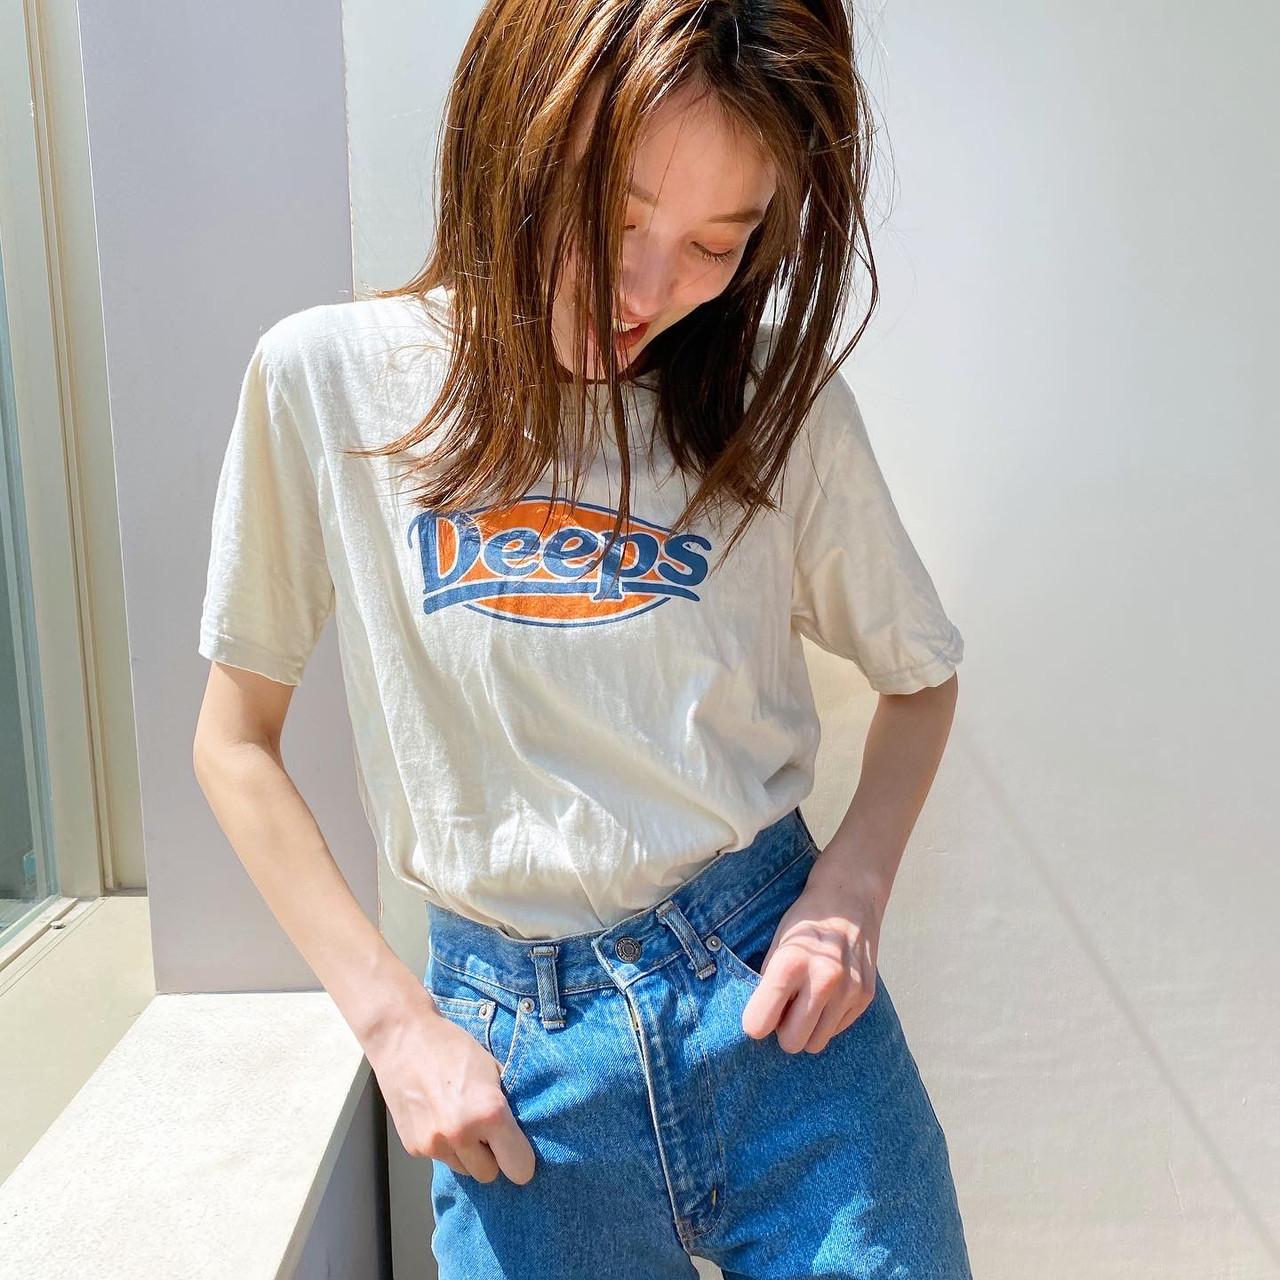 ミディアム 透明感カラー ベージュカラー ナチュラル ヘアスタイルや髪型の写真・画像